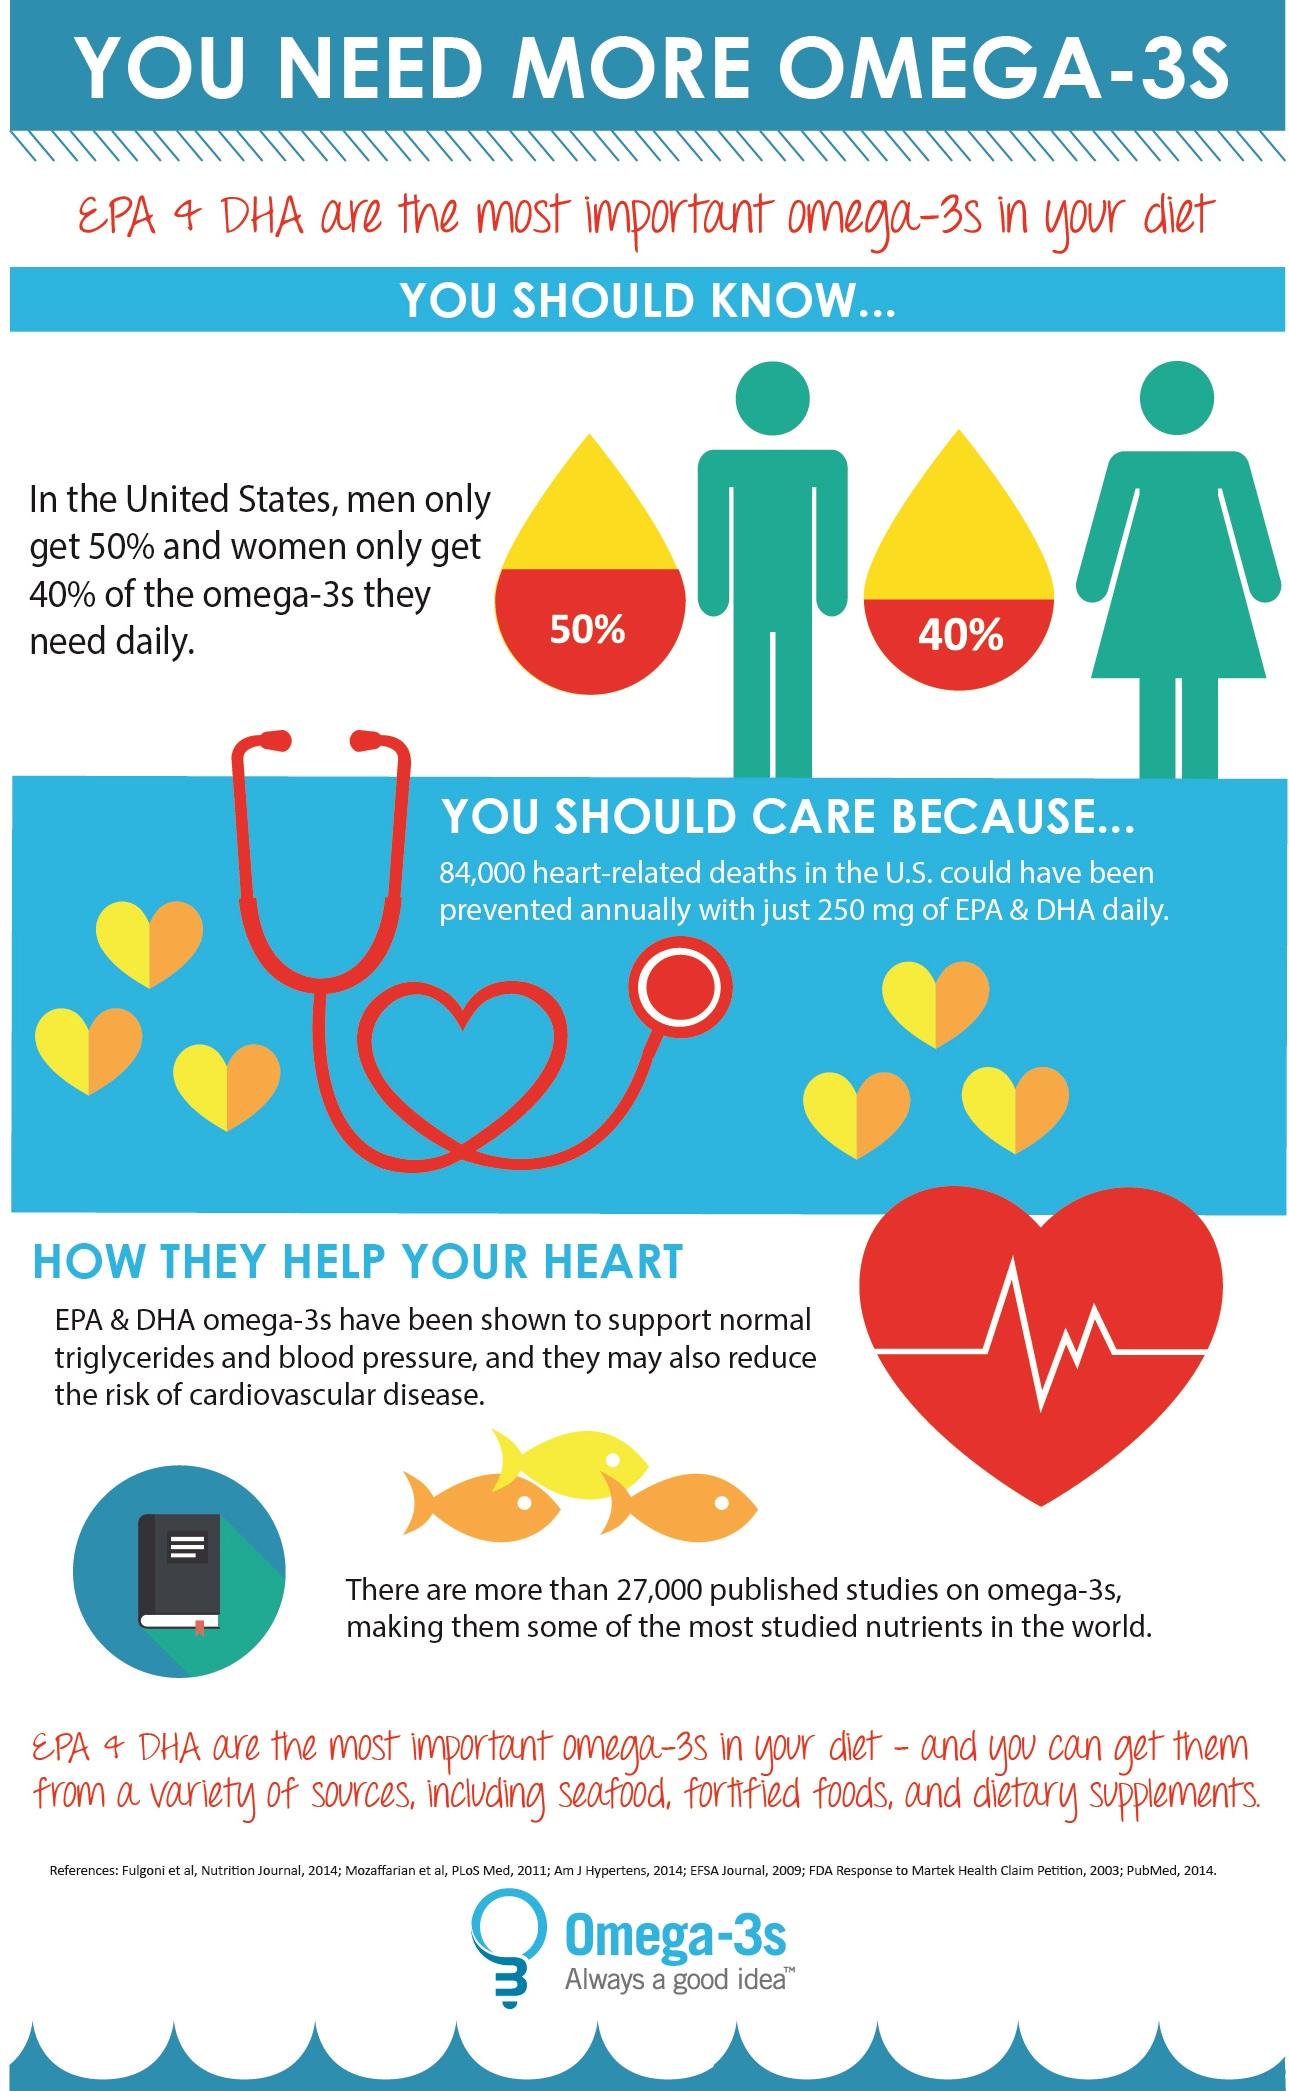 GOED infographic